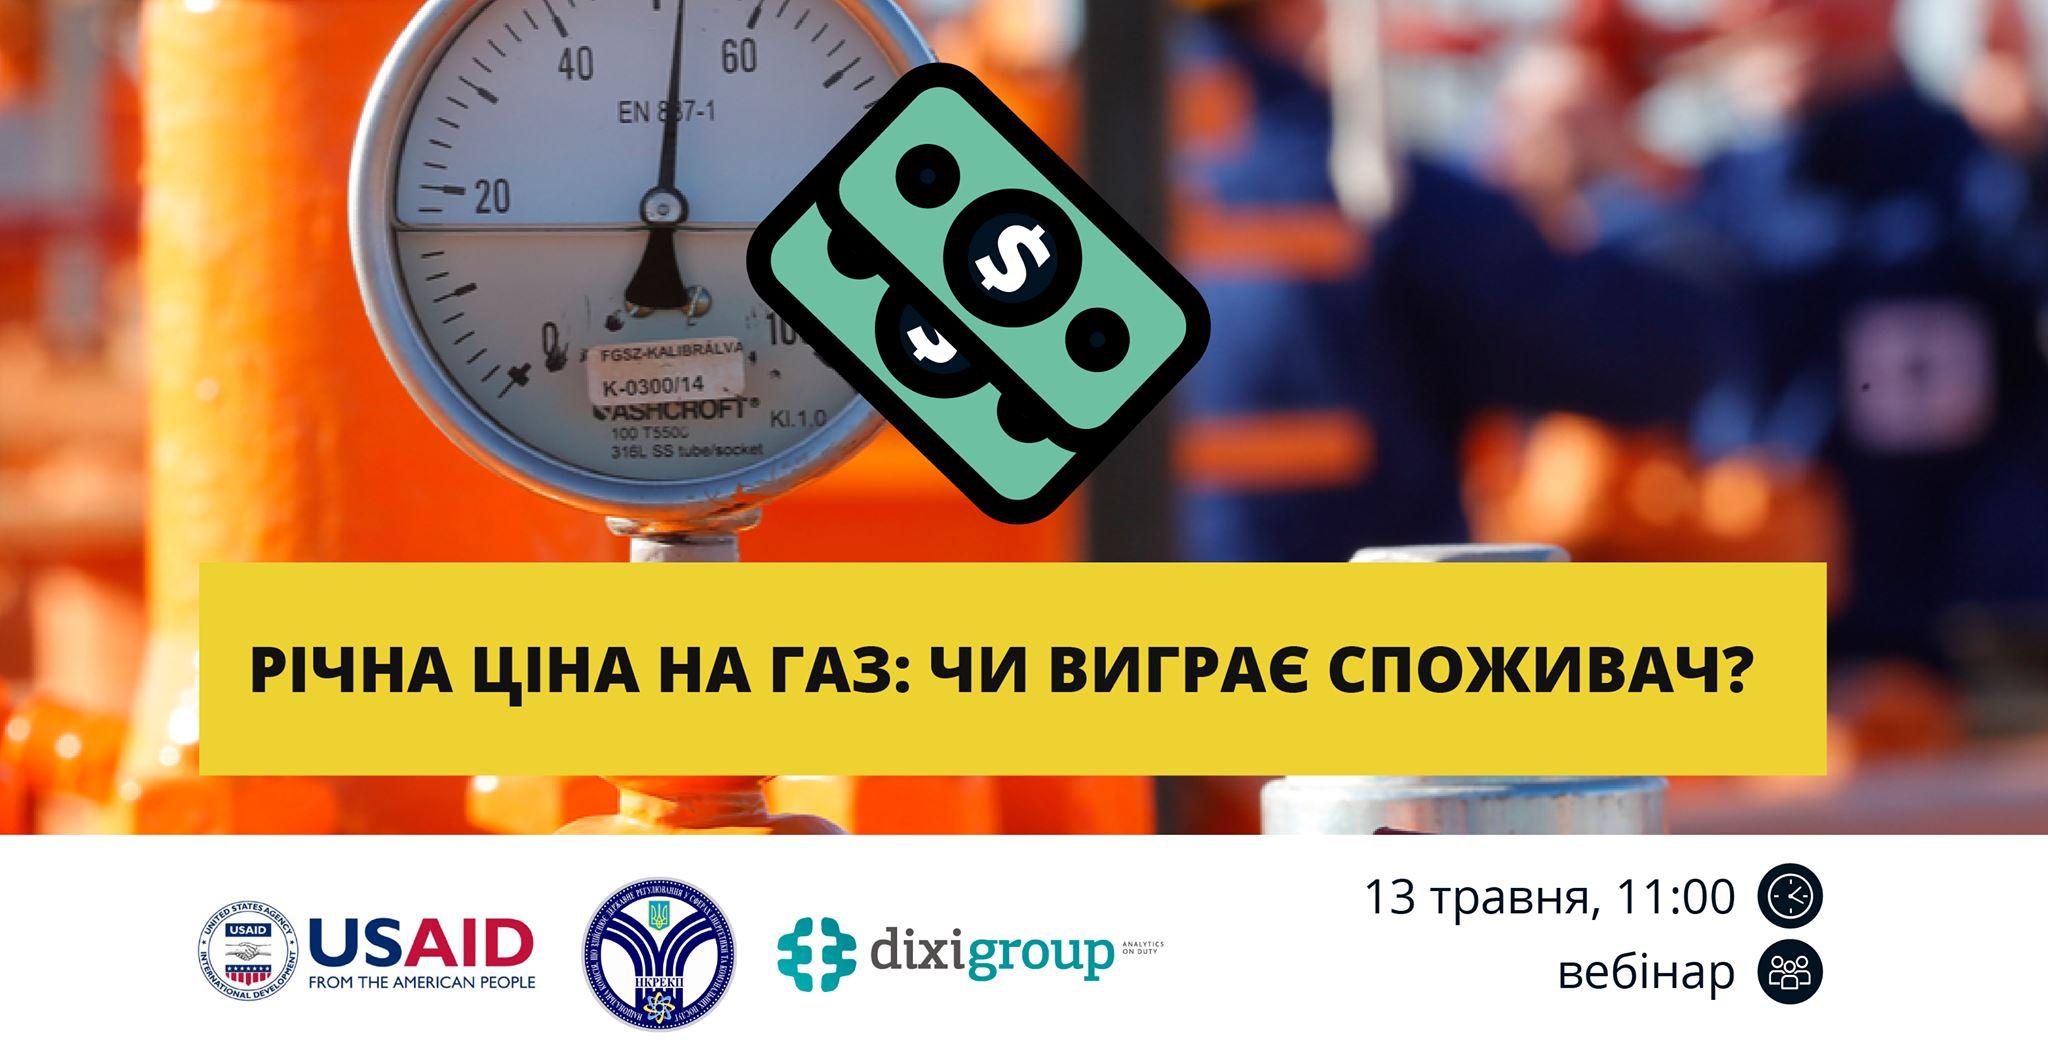 Вебінар для журналістів «Річна ціна на газ: чи виграє споживач?»